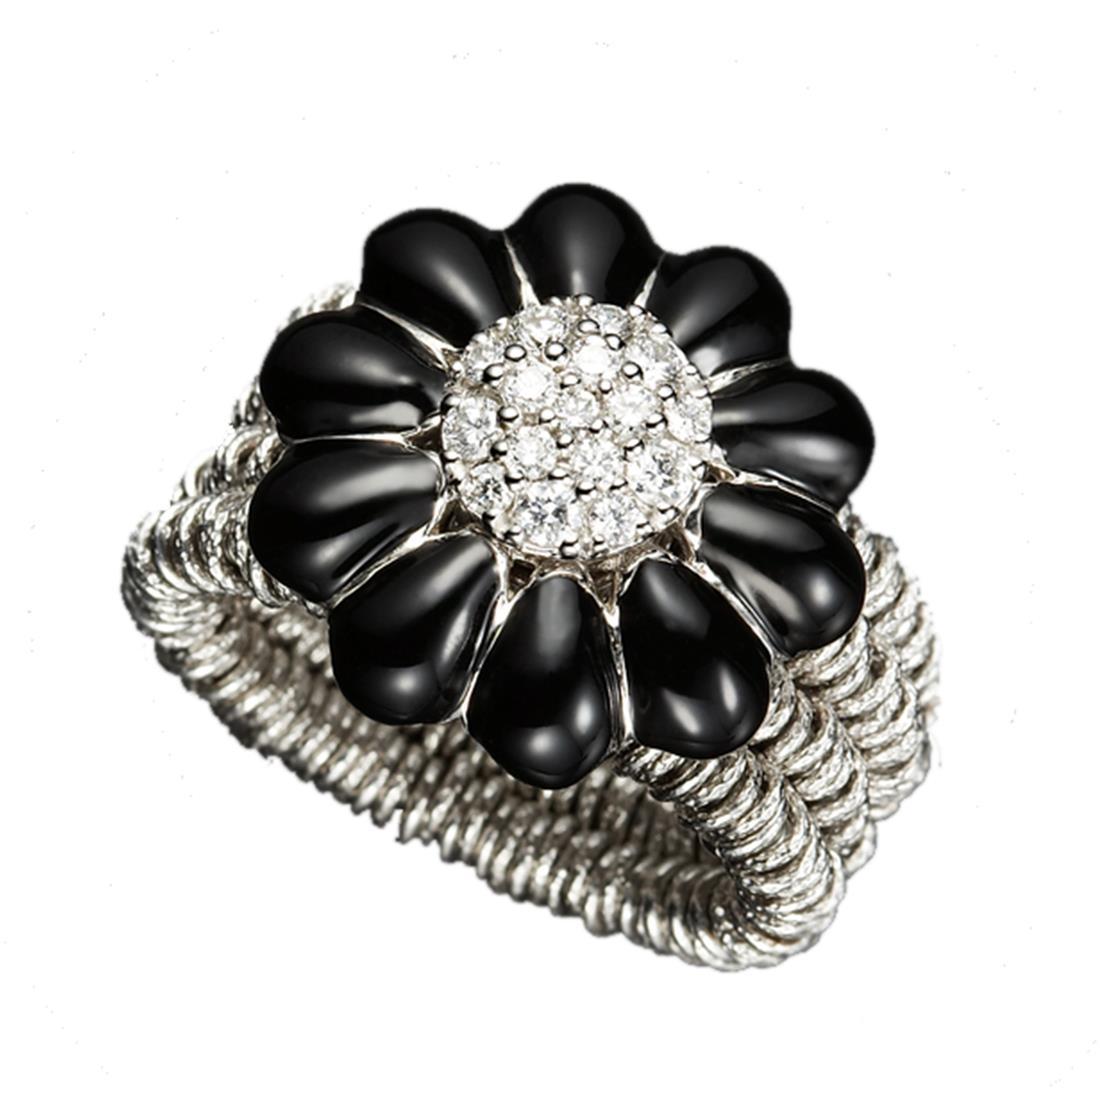 Anello in argento con margherita nera e diamanti - ROBERTO DEMEGLIO